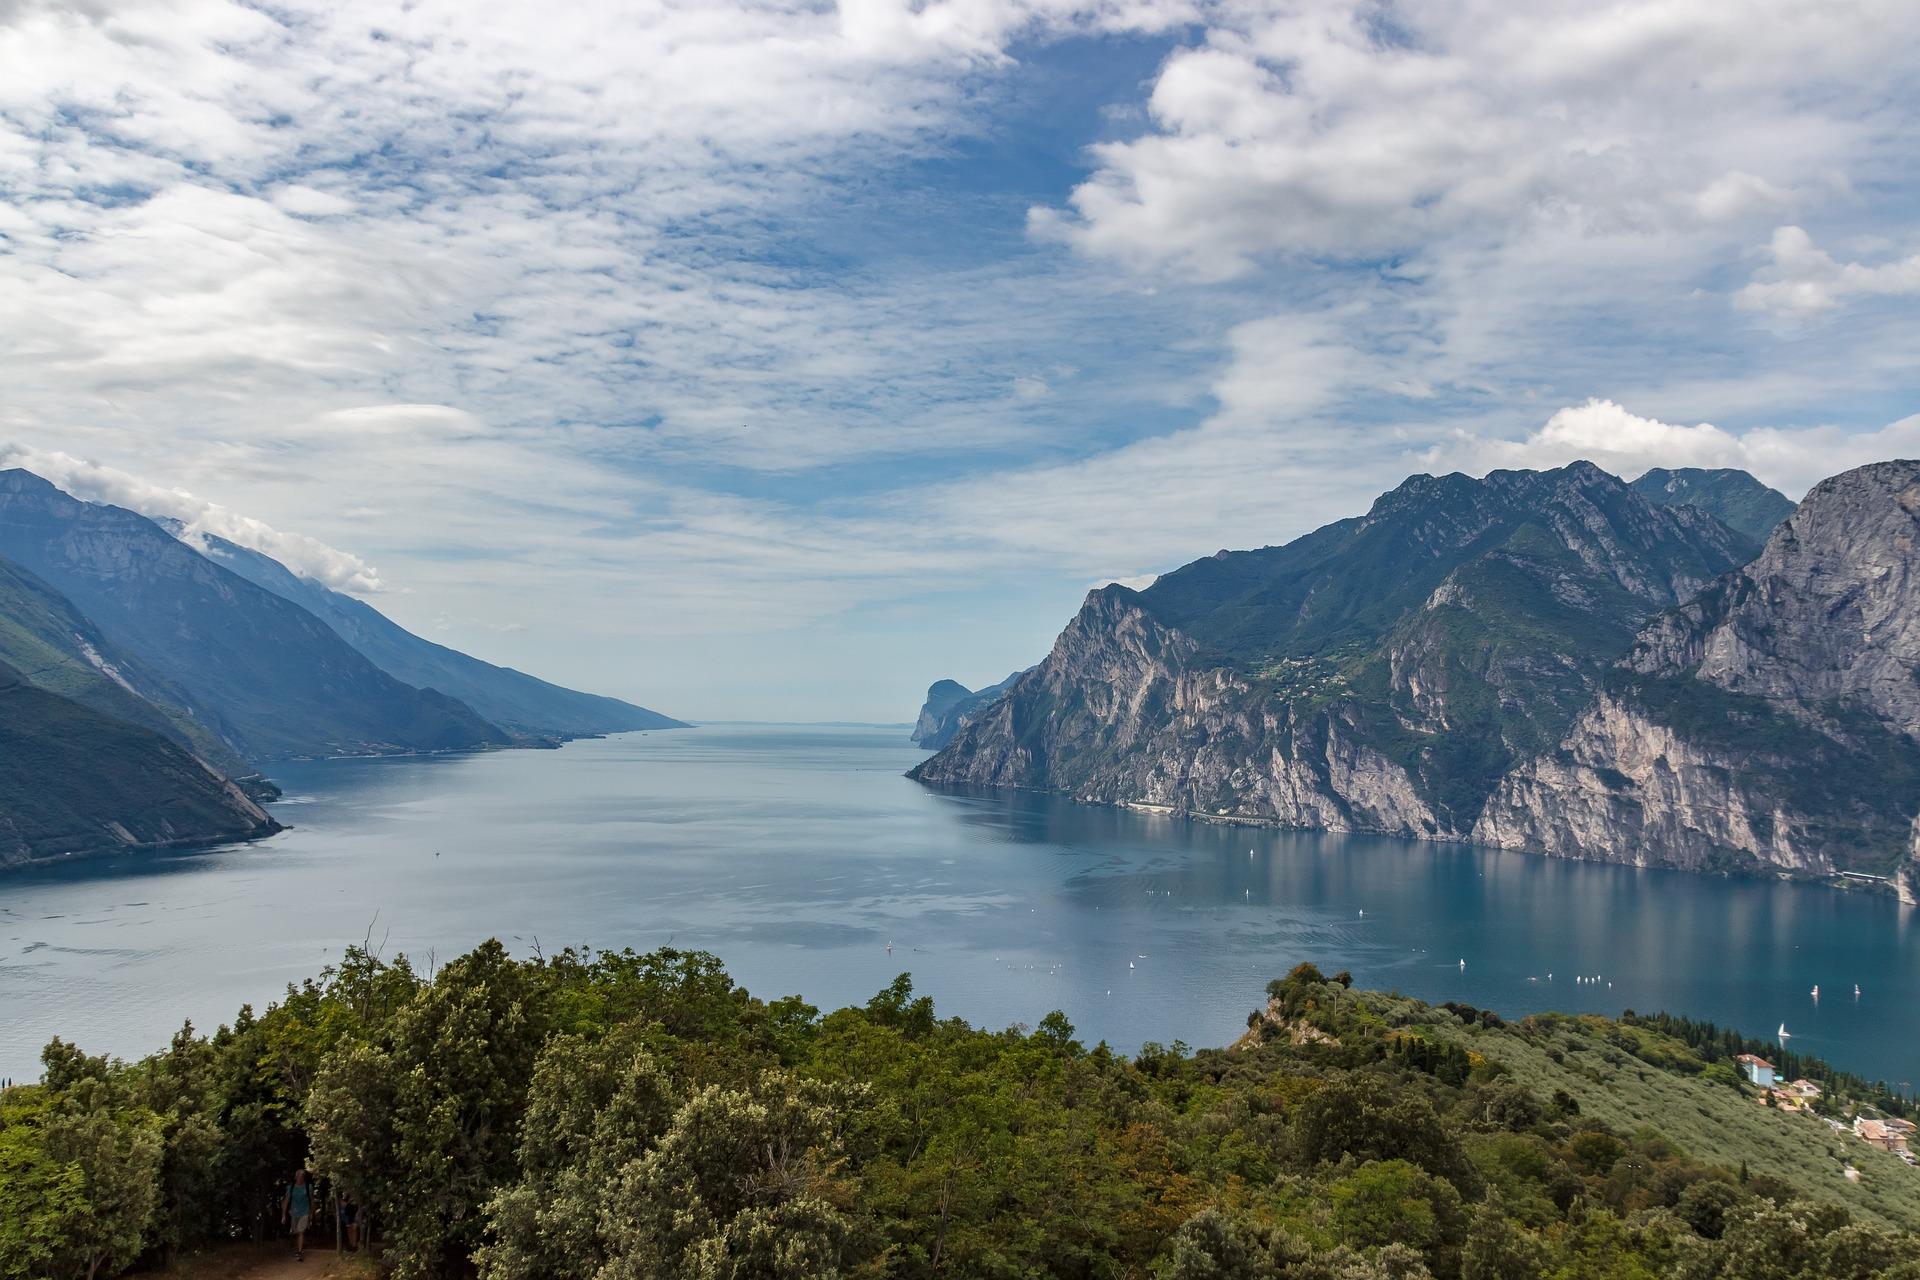 Гарне місце для того, щоб відвідати Венецію, Мілан, озеро Гарда та Еуганські пагорби.